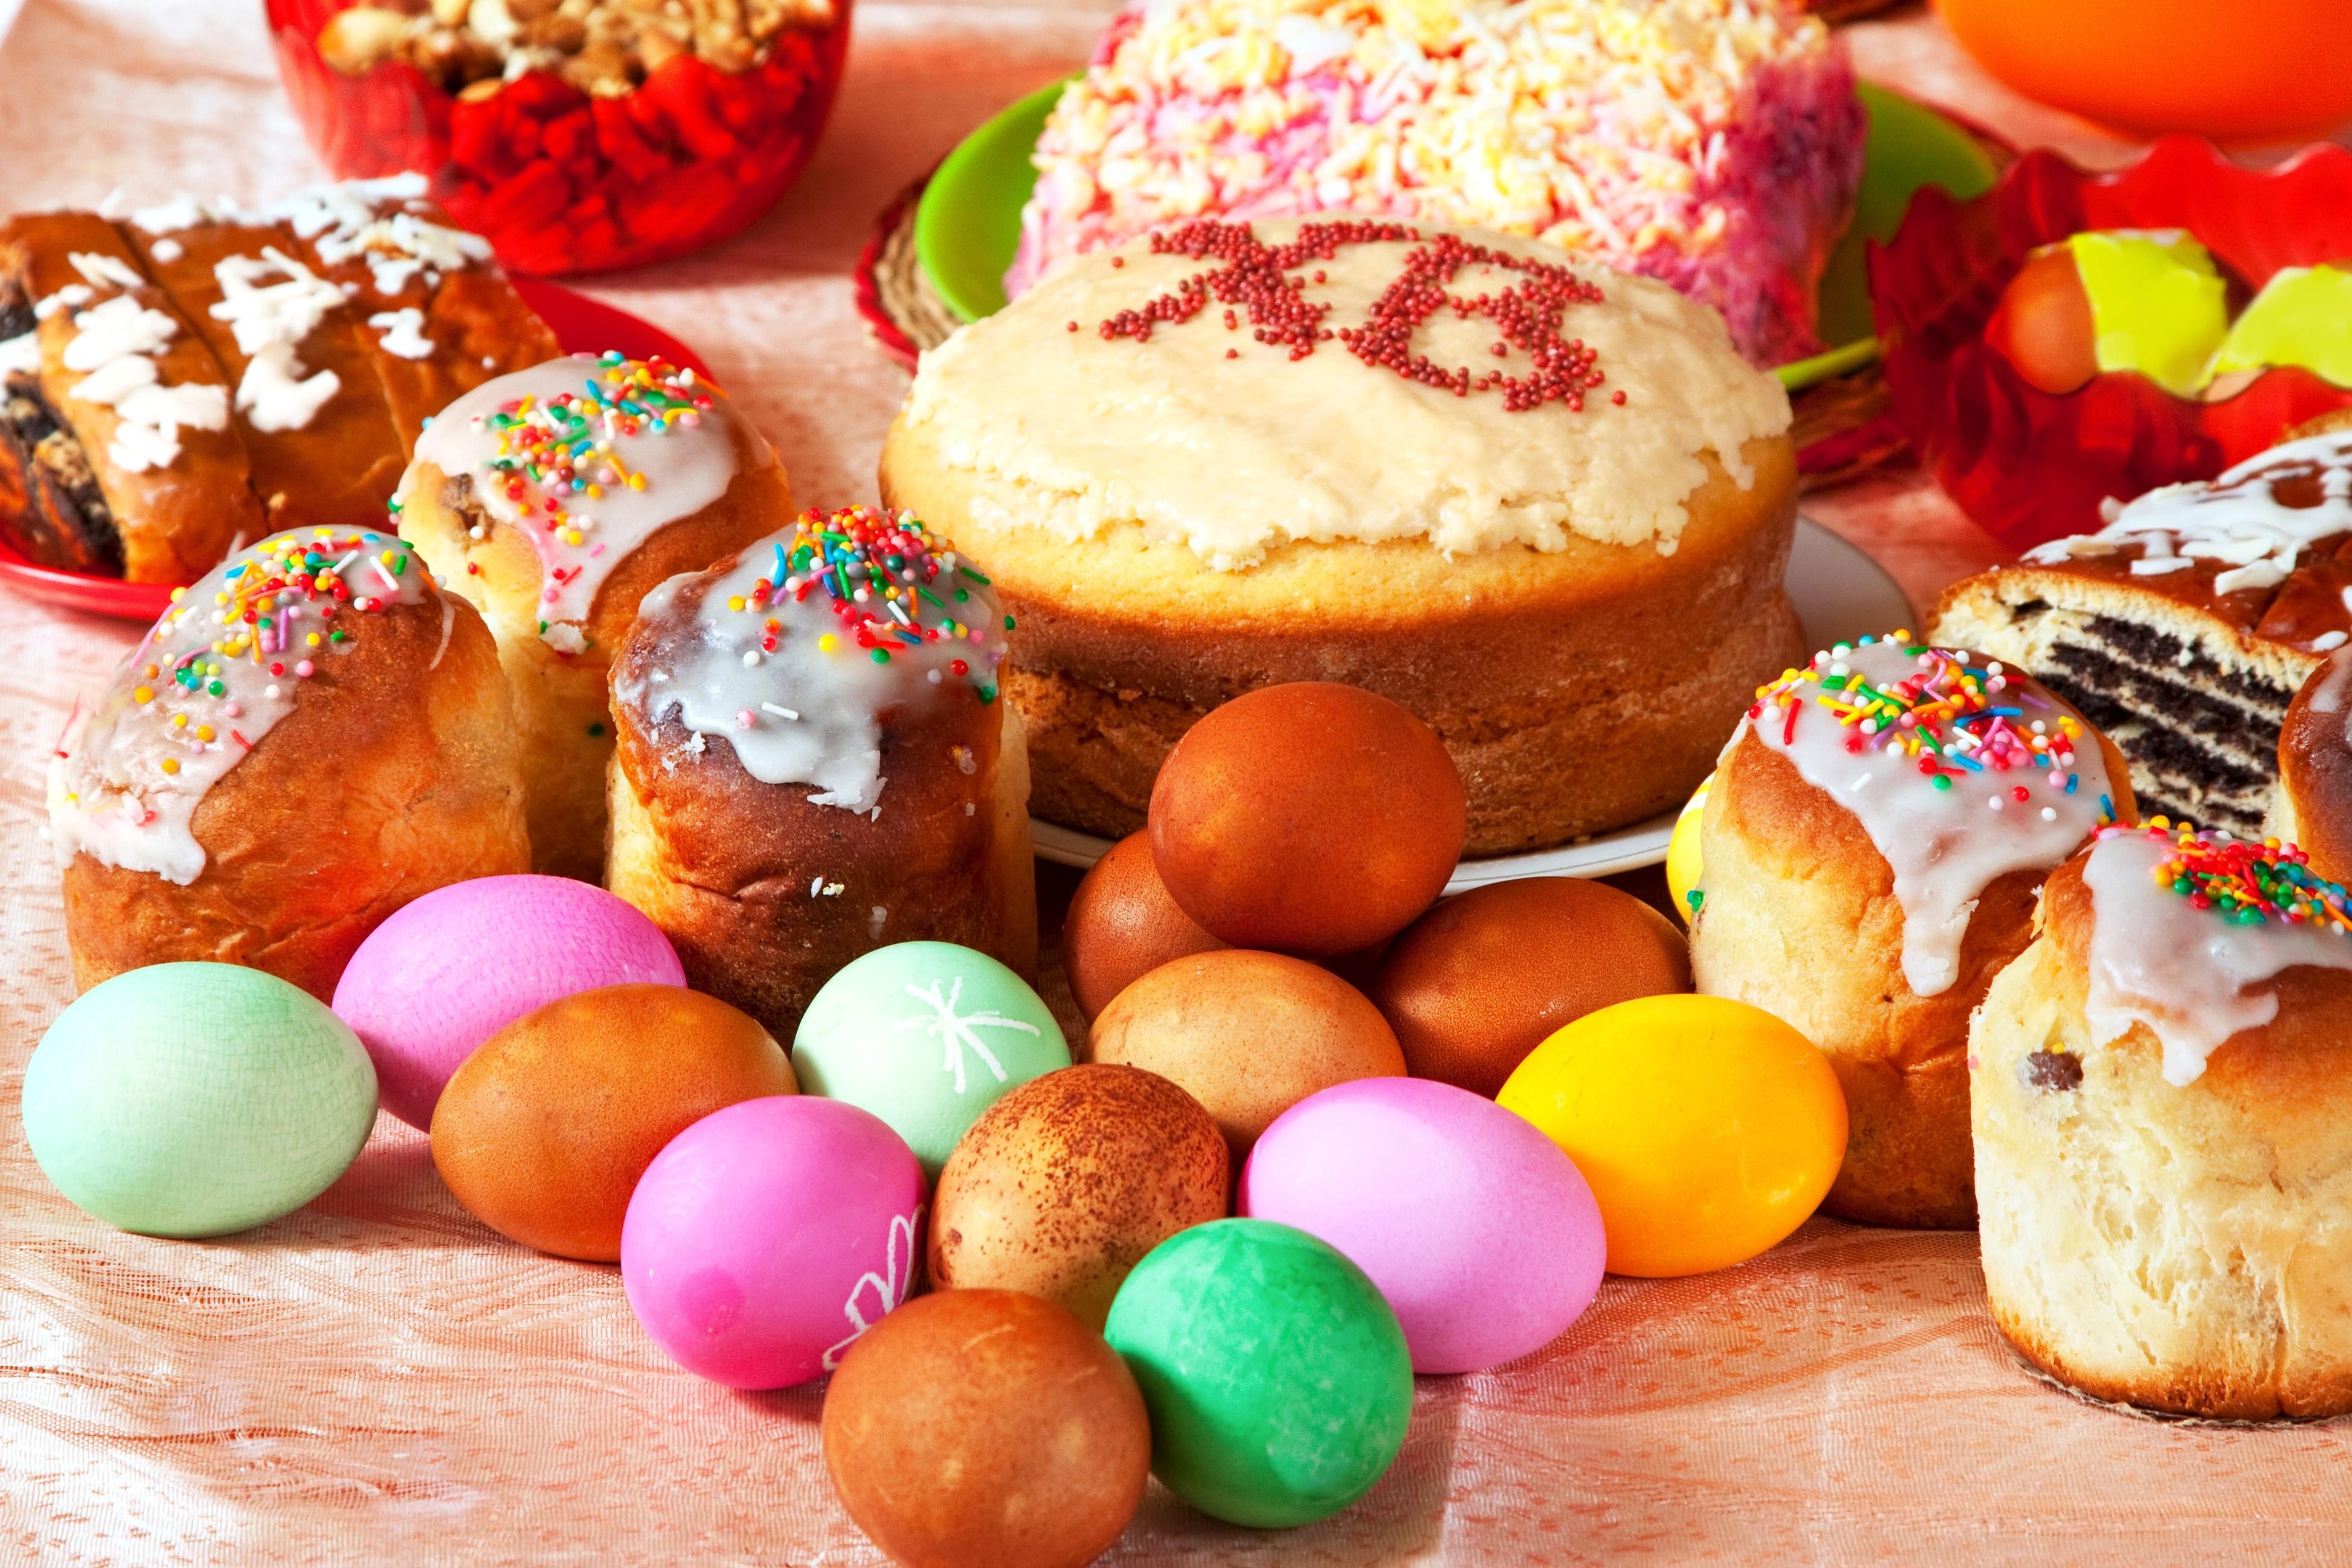 праздник пасха кулич яйца  № 2646747 бесплатно